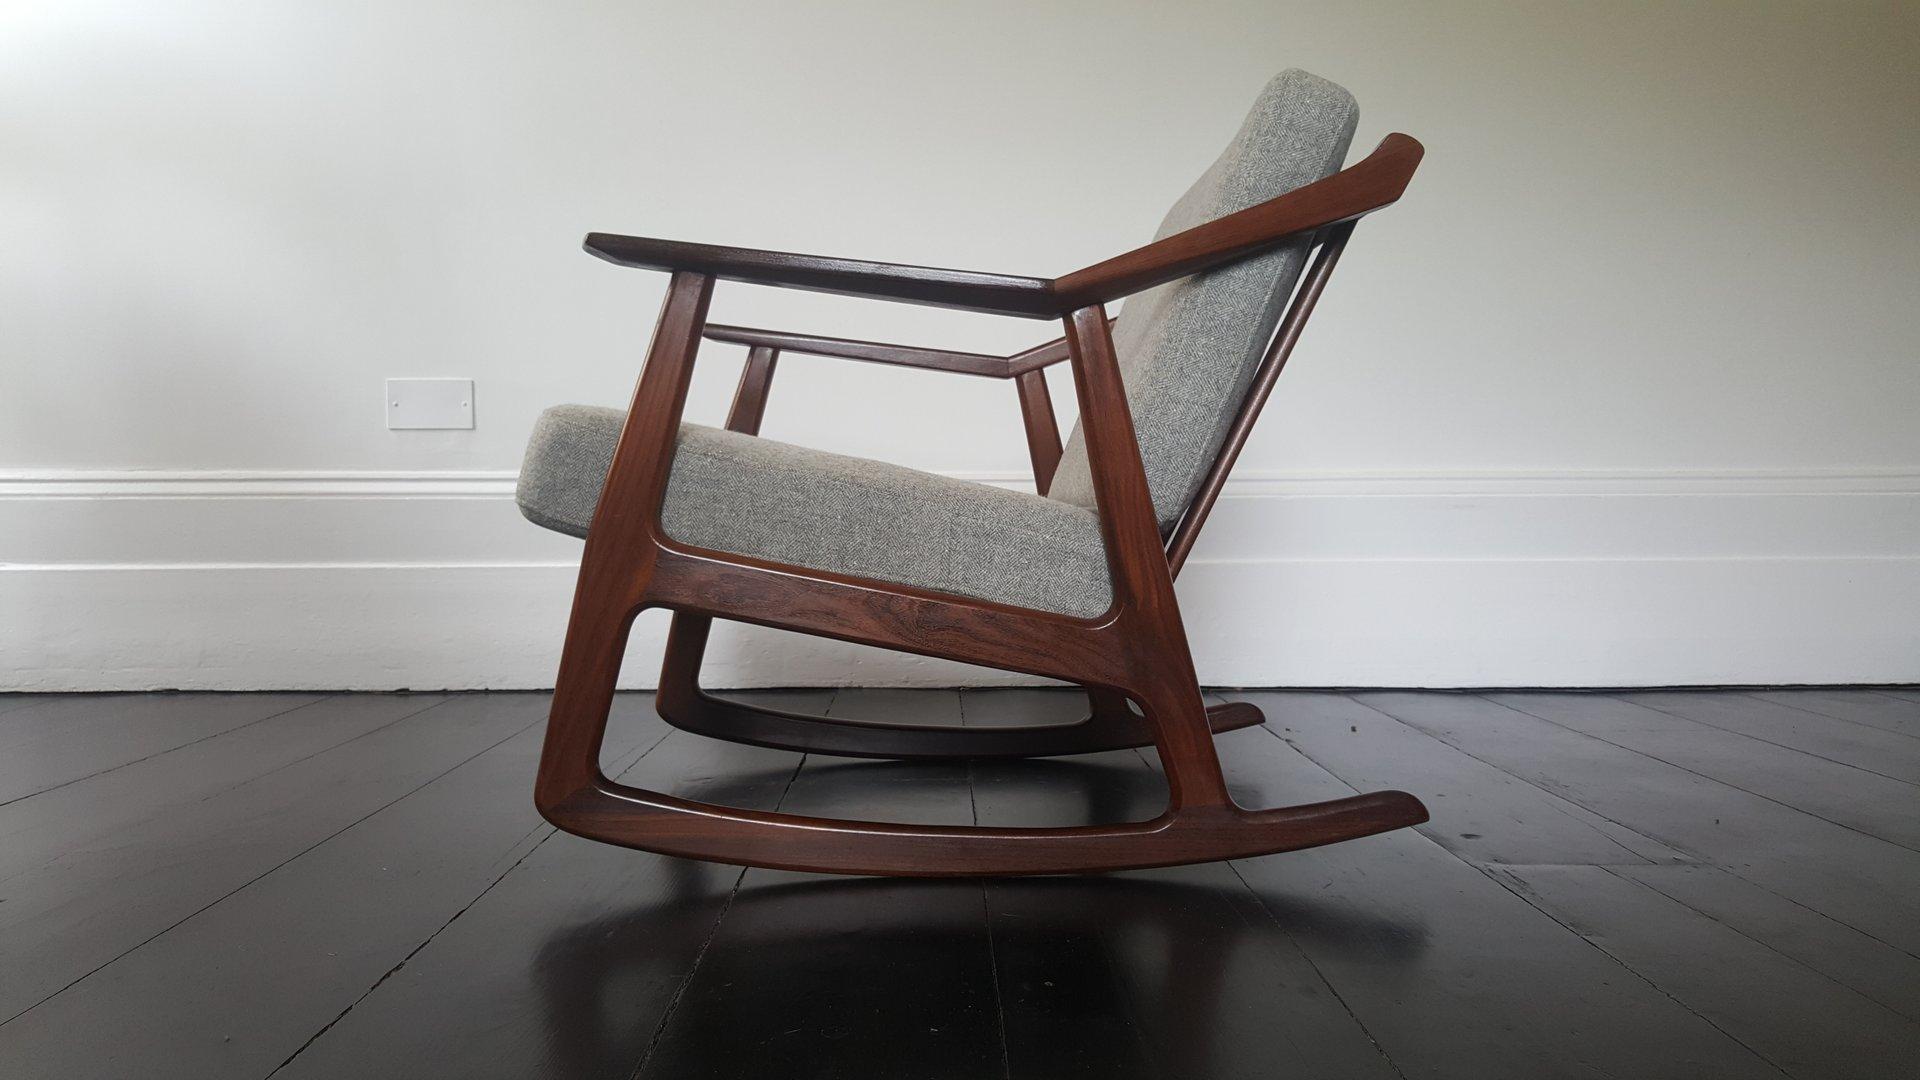 british s rare mid gemini chair century midcentury lurashell rocking